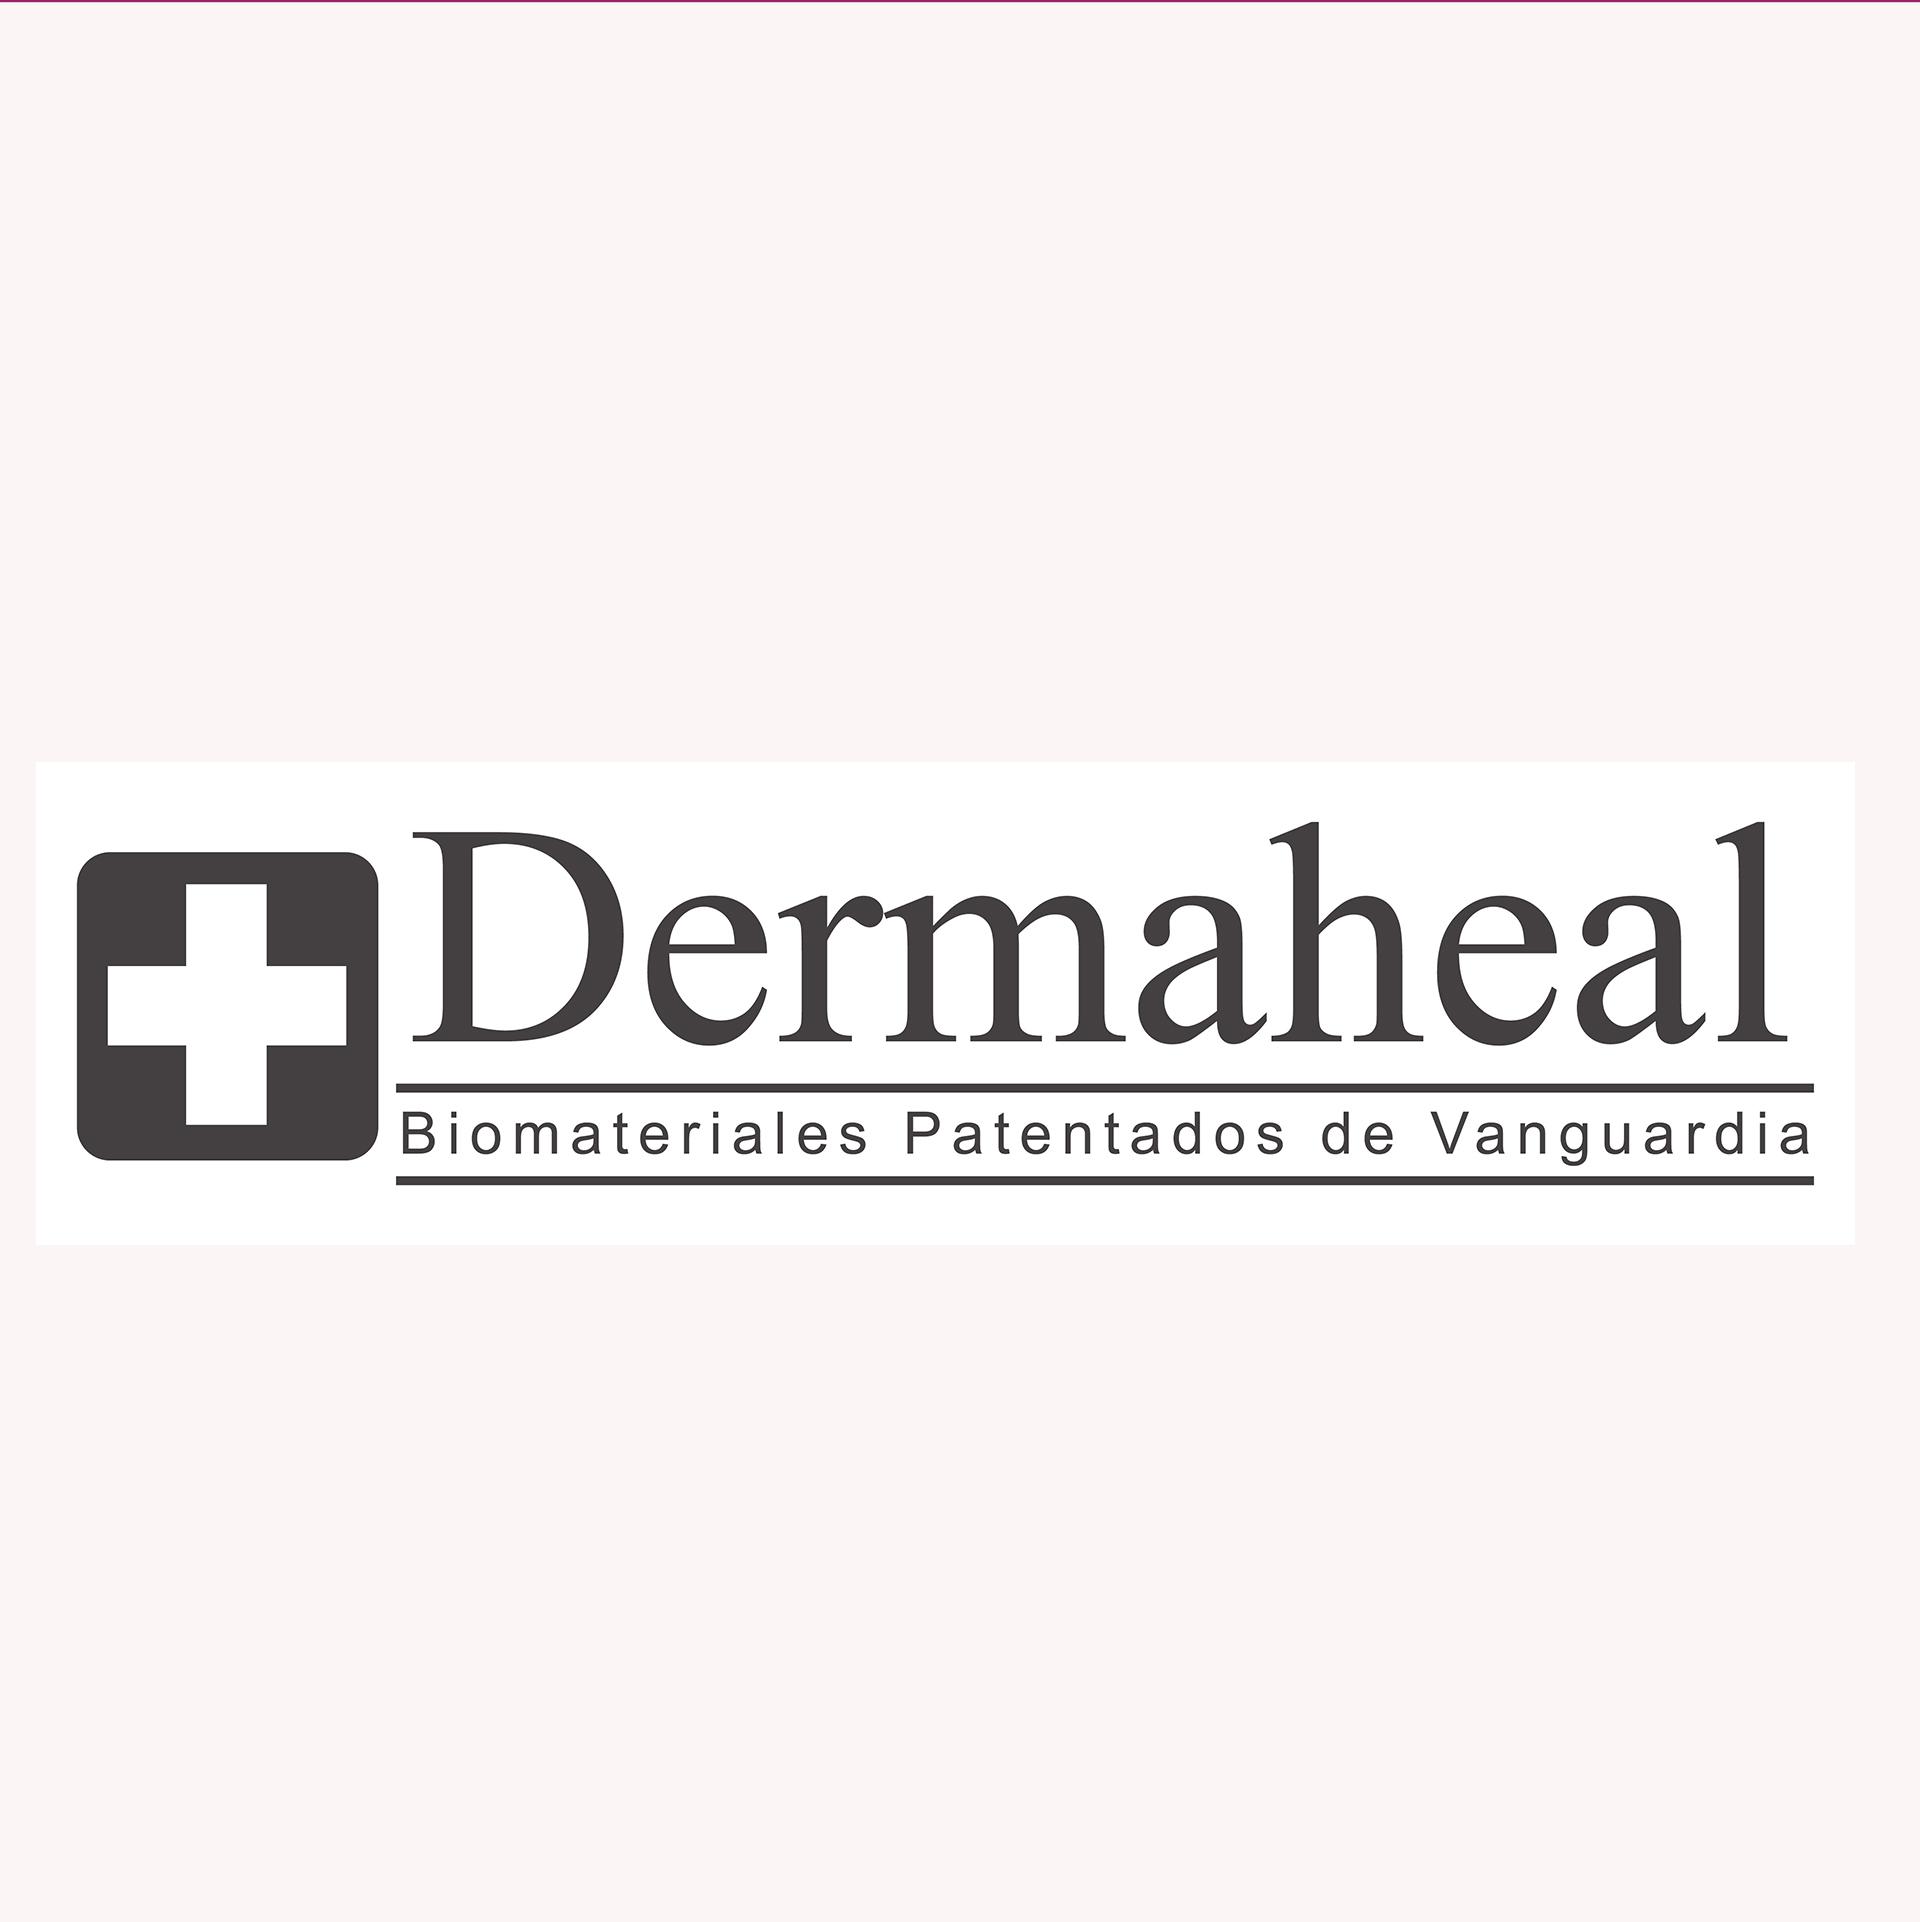 DERMAHEAL